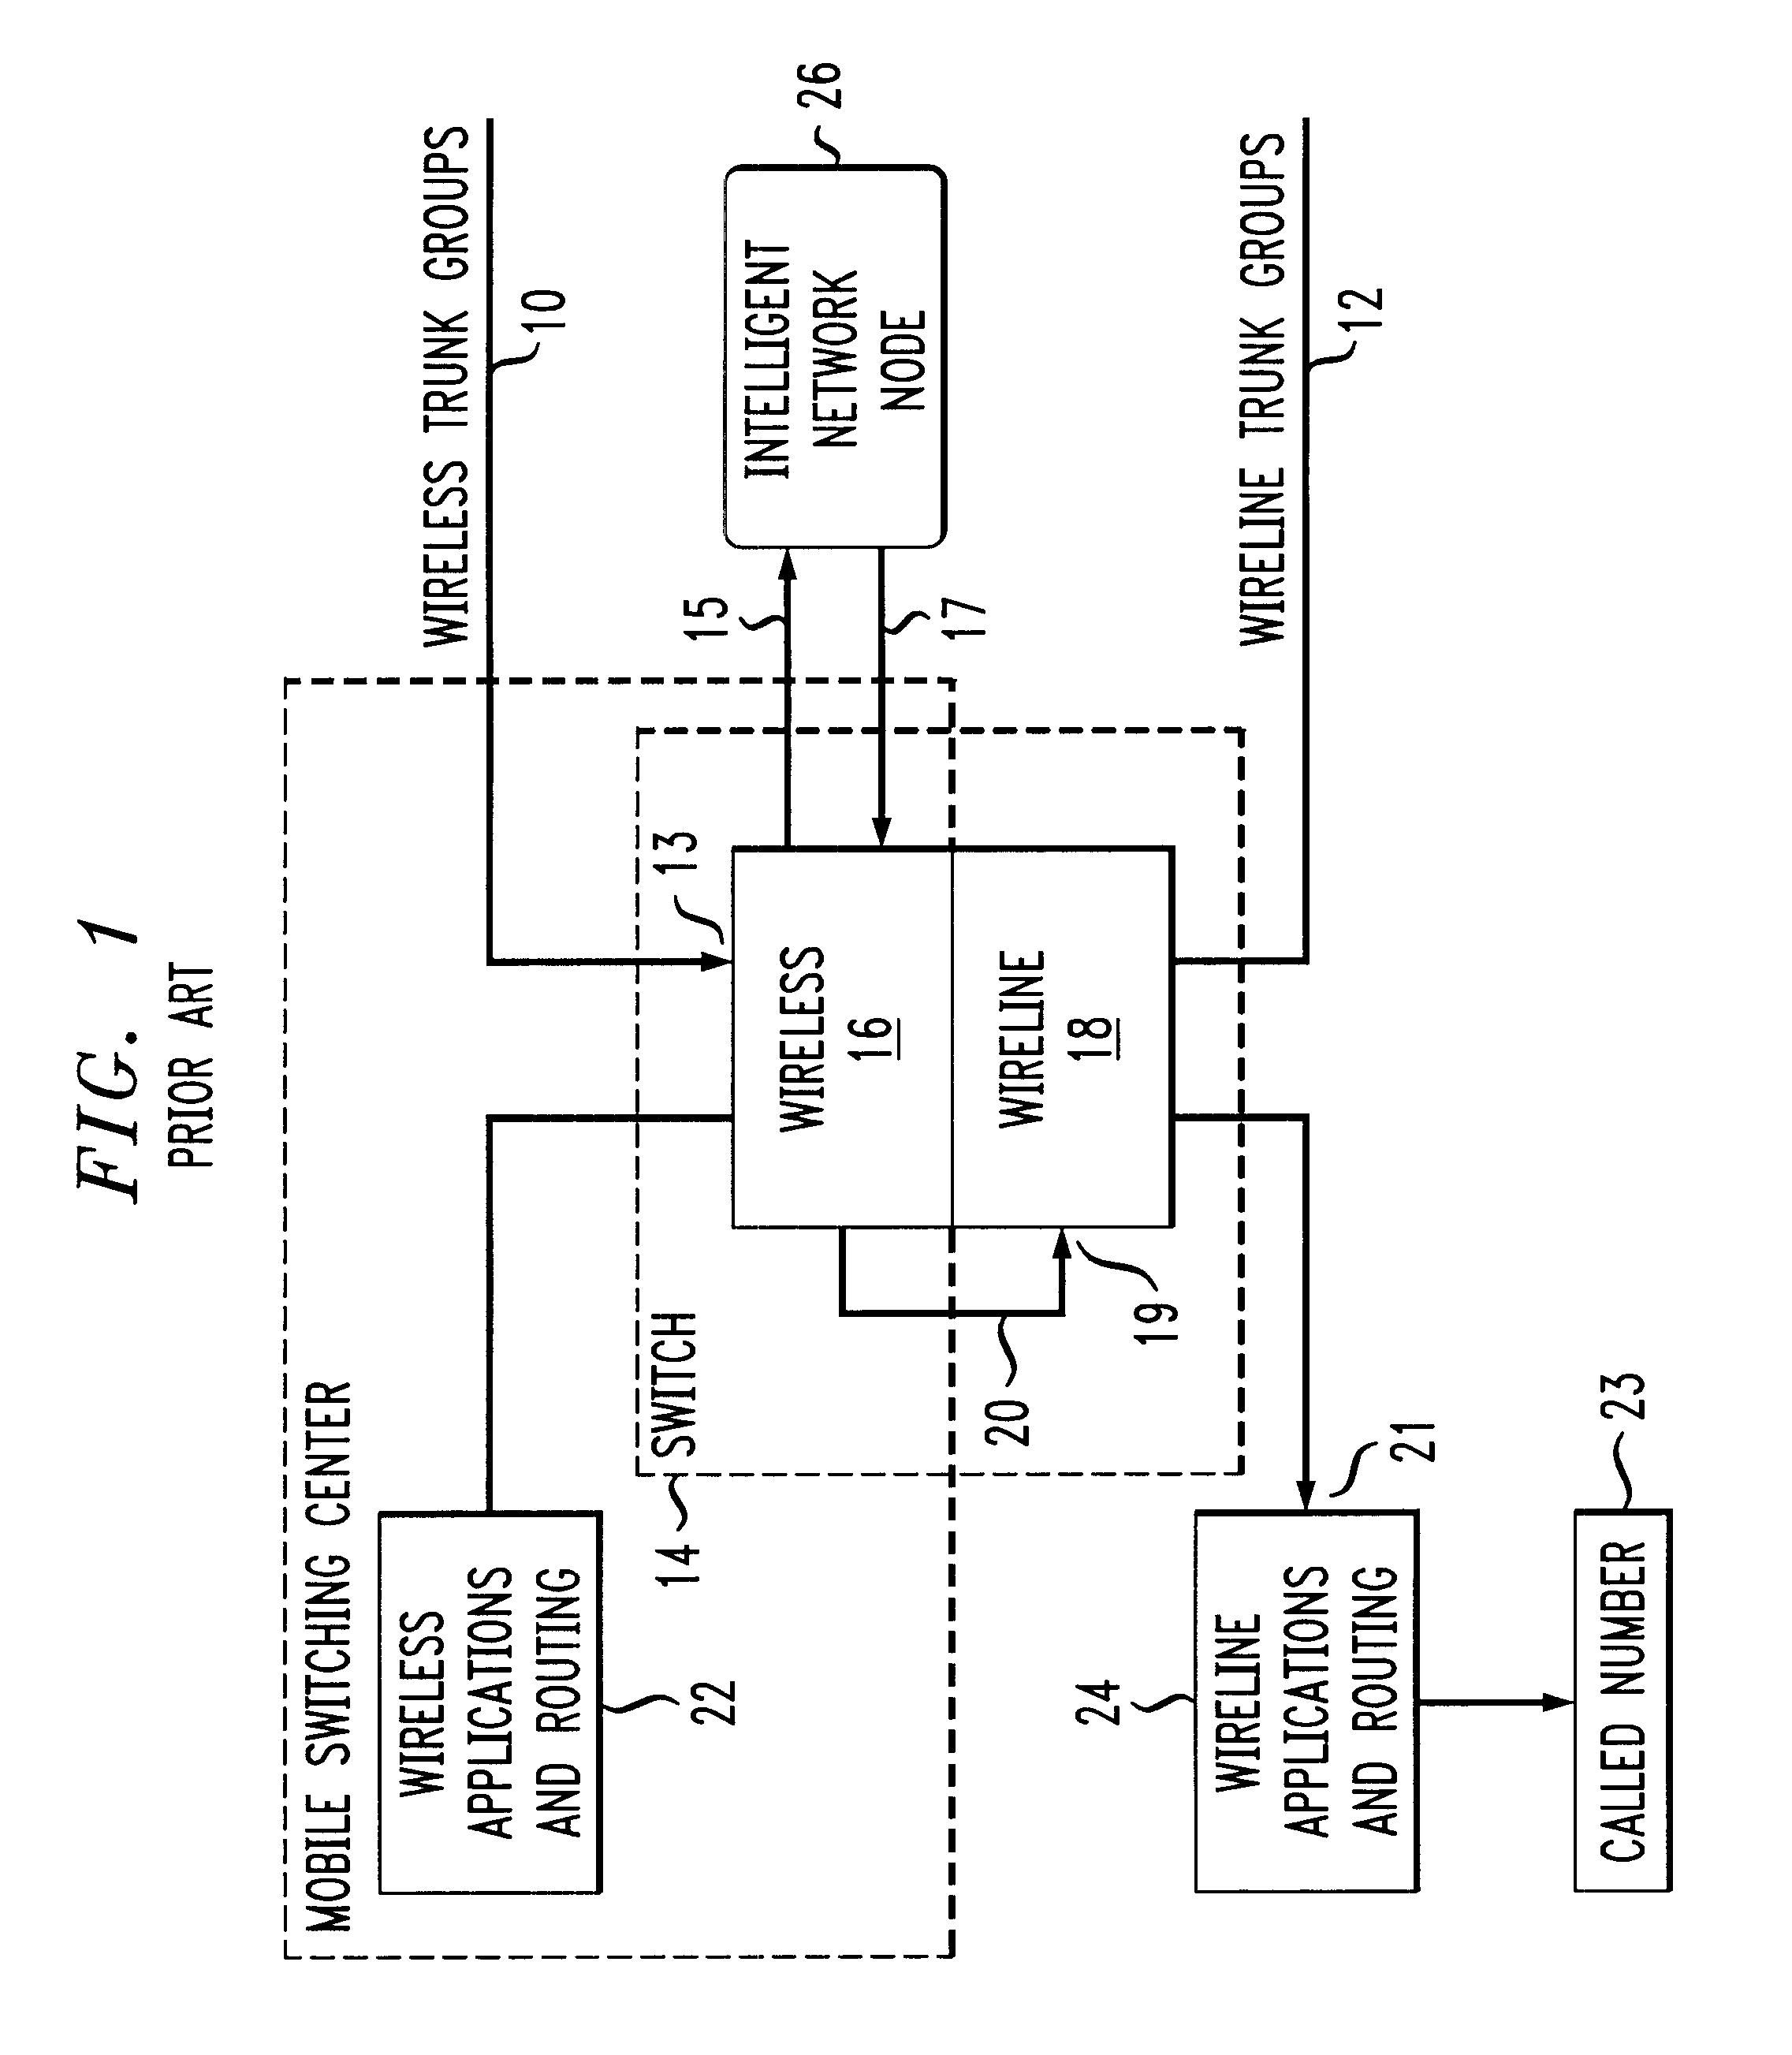 patent us6356757